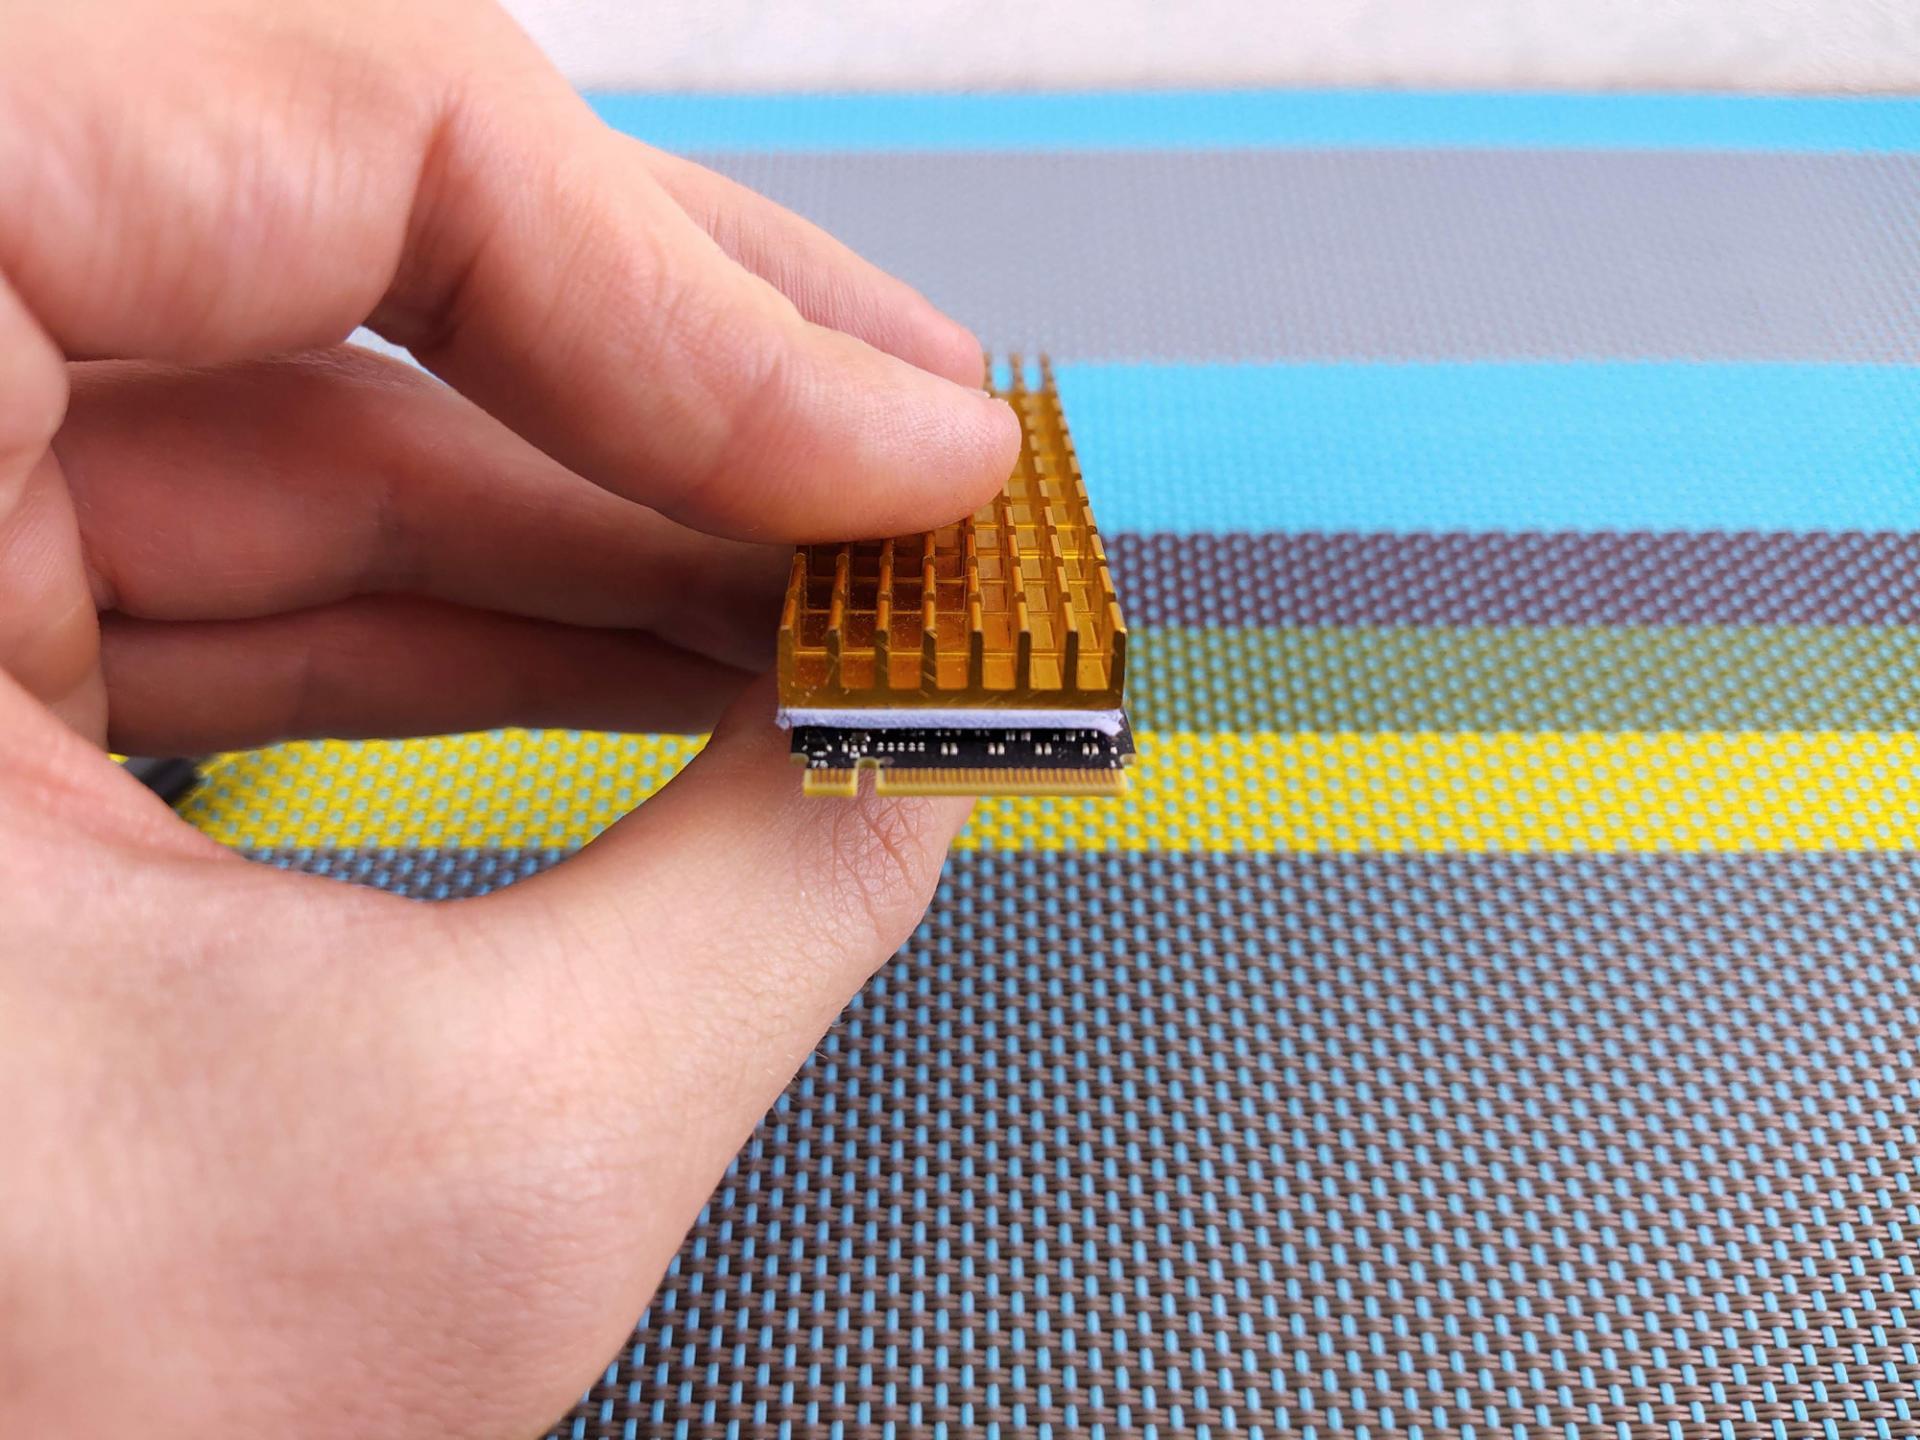 Охладить скоростной SSD радиатором сAliexpress: реальноли это?